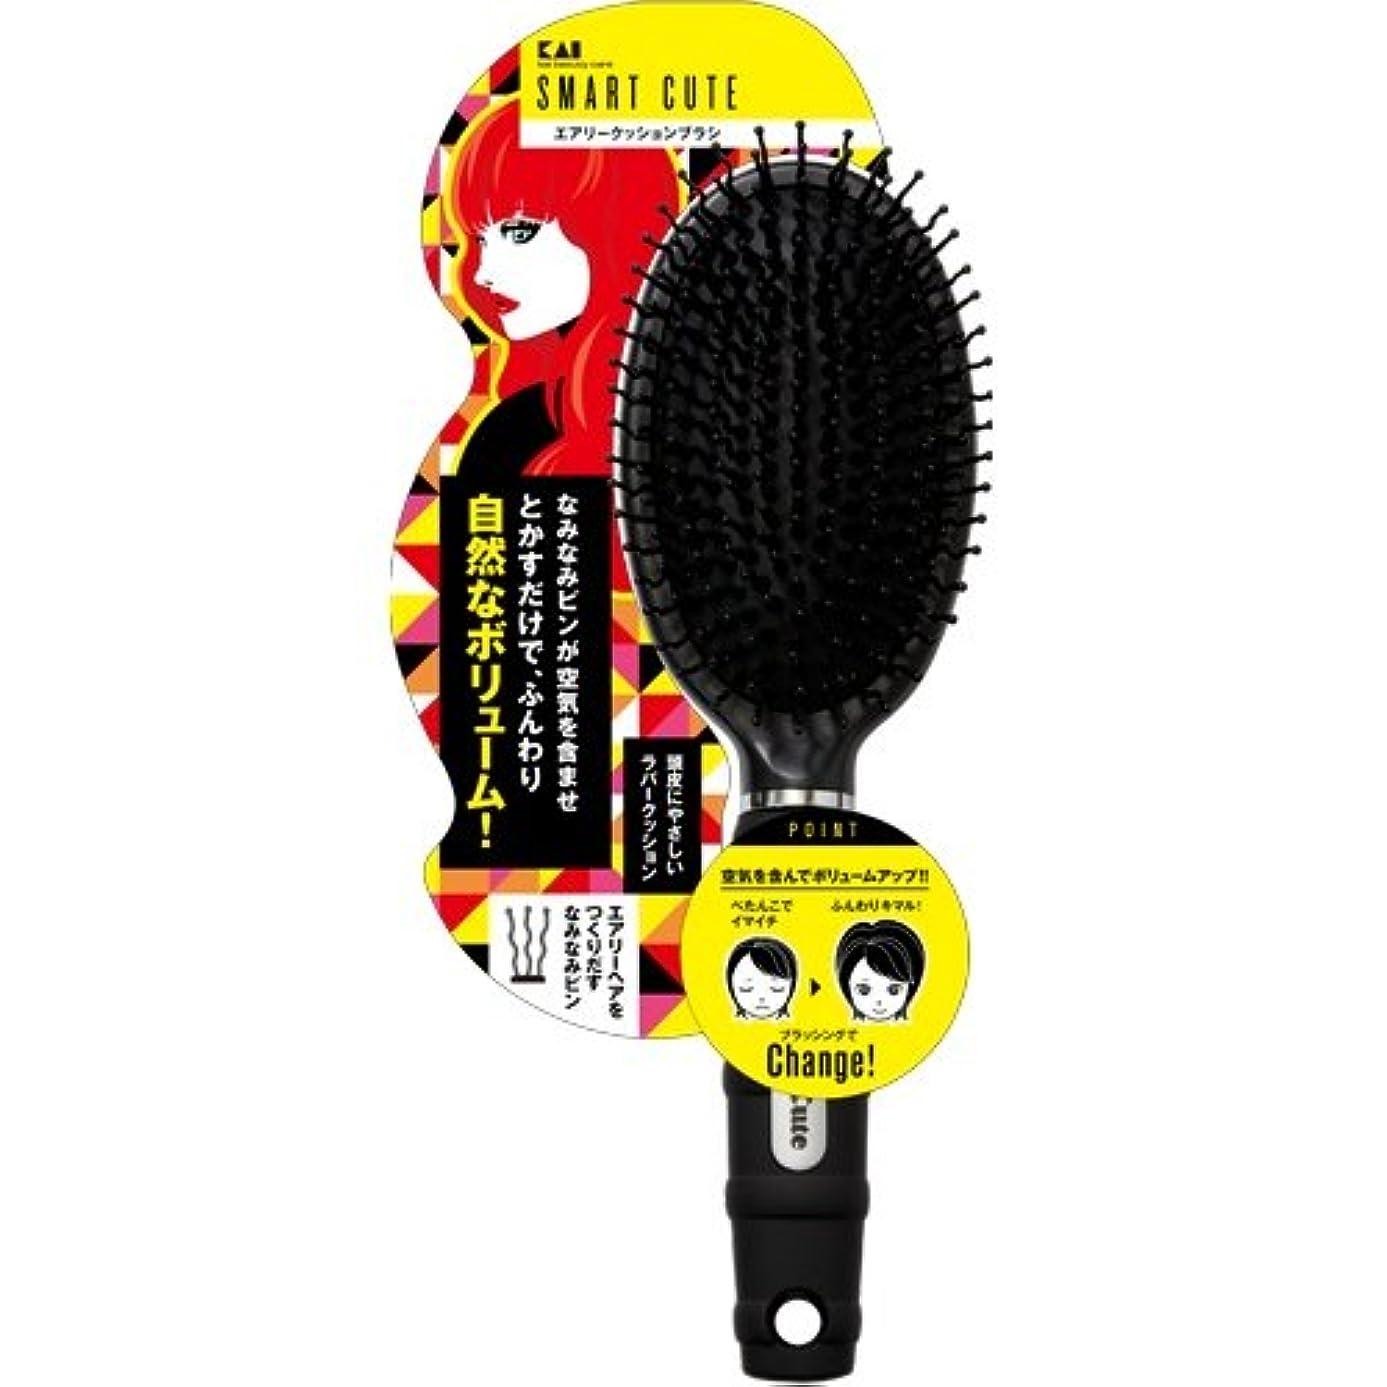 壁紙中止しますプレゼンタースマートキュート(SmartCute) エアリークッションヘアブラシ HC3327